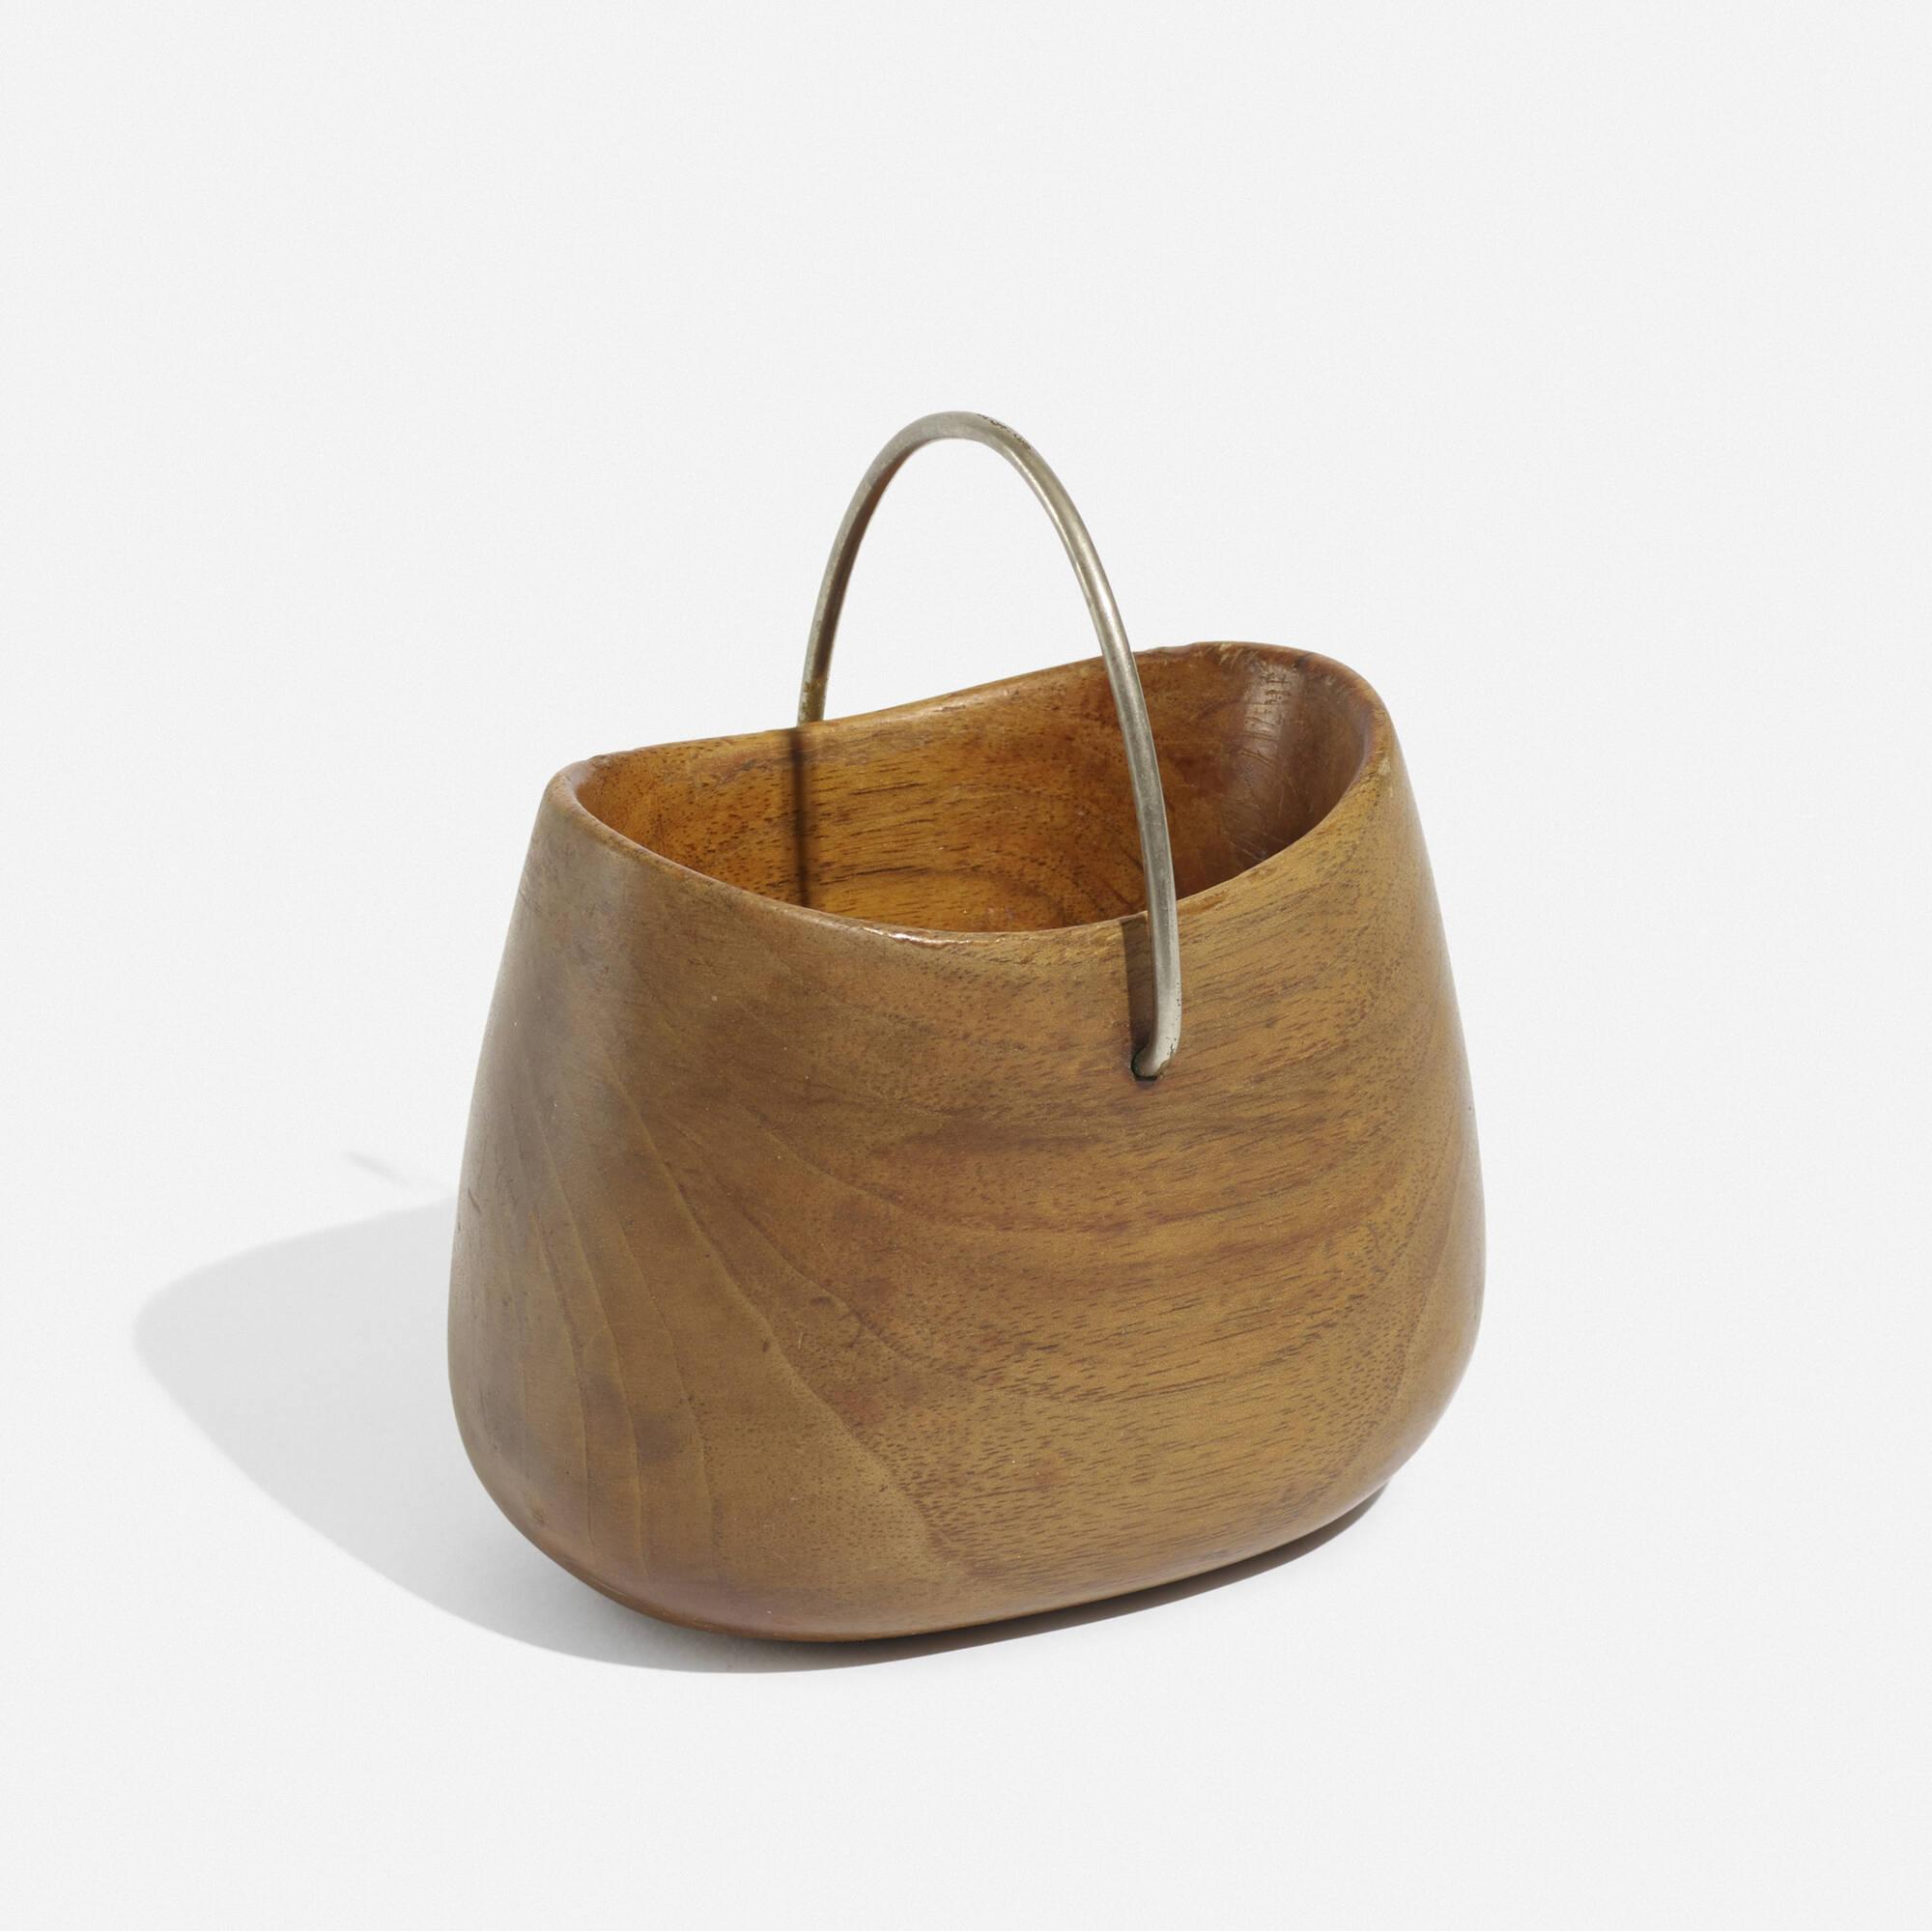 250: Carl Auböck II / sugar bowl, model 4194 (1 of 2)